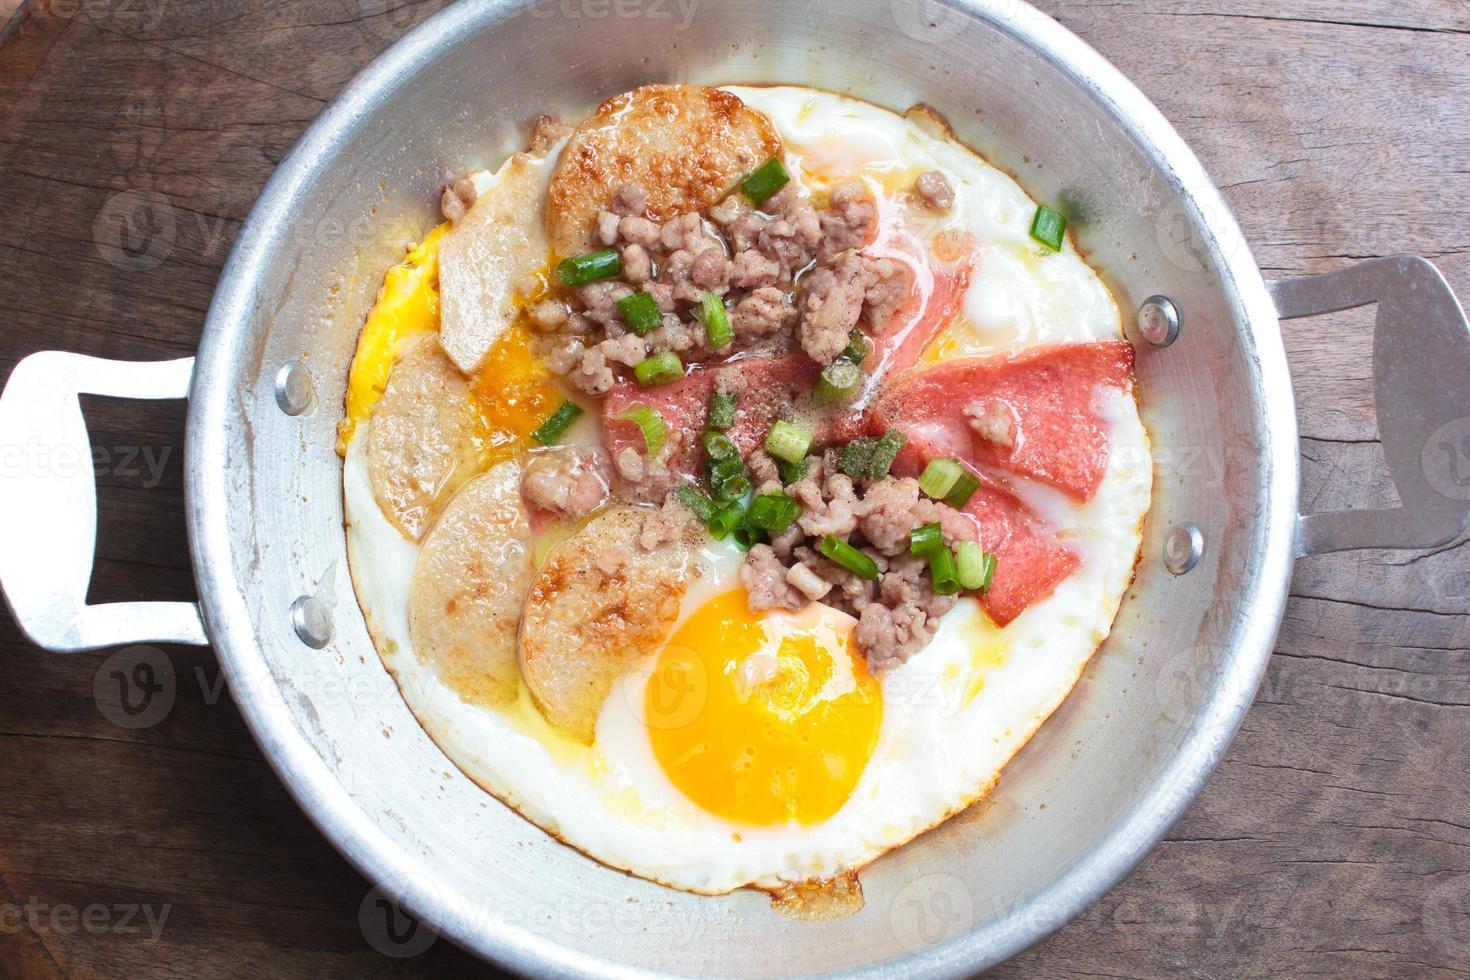 panela de ovo, café da manhã. foto